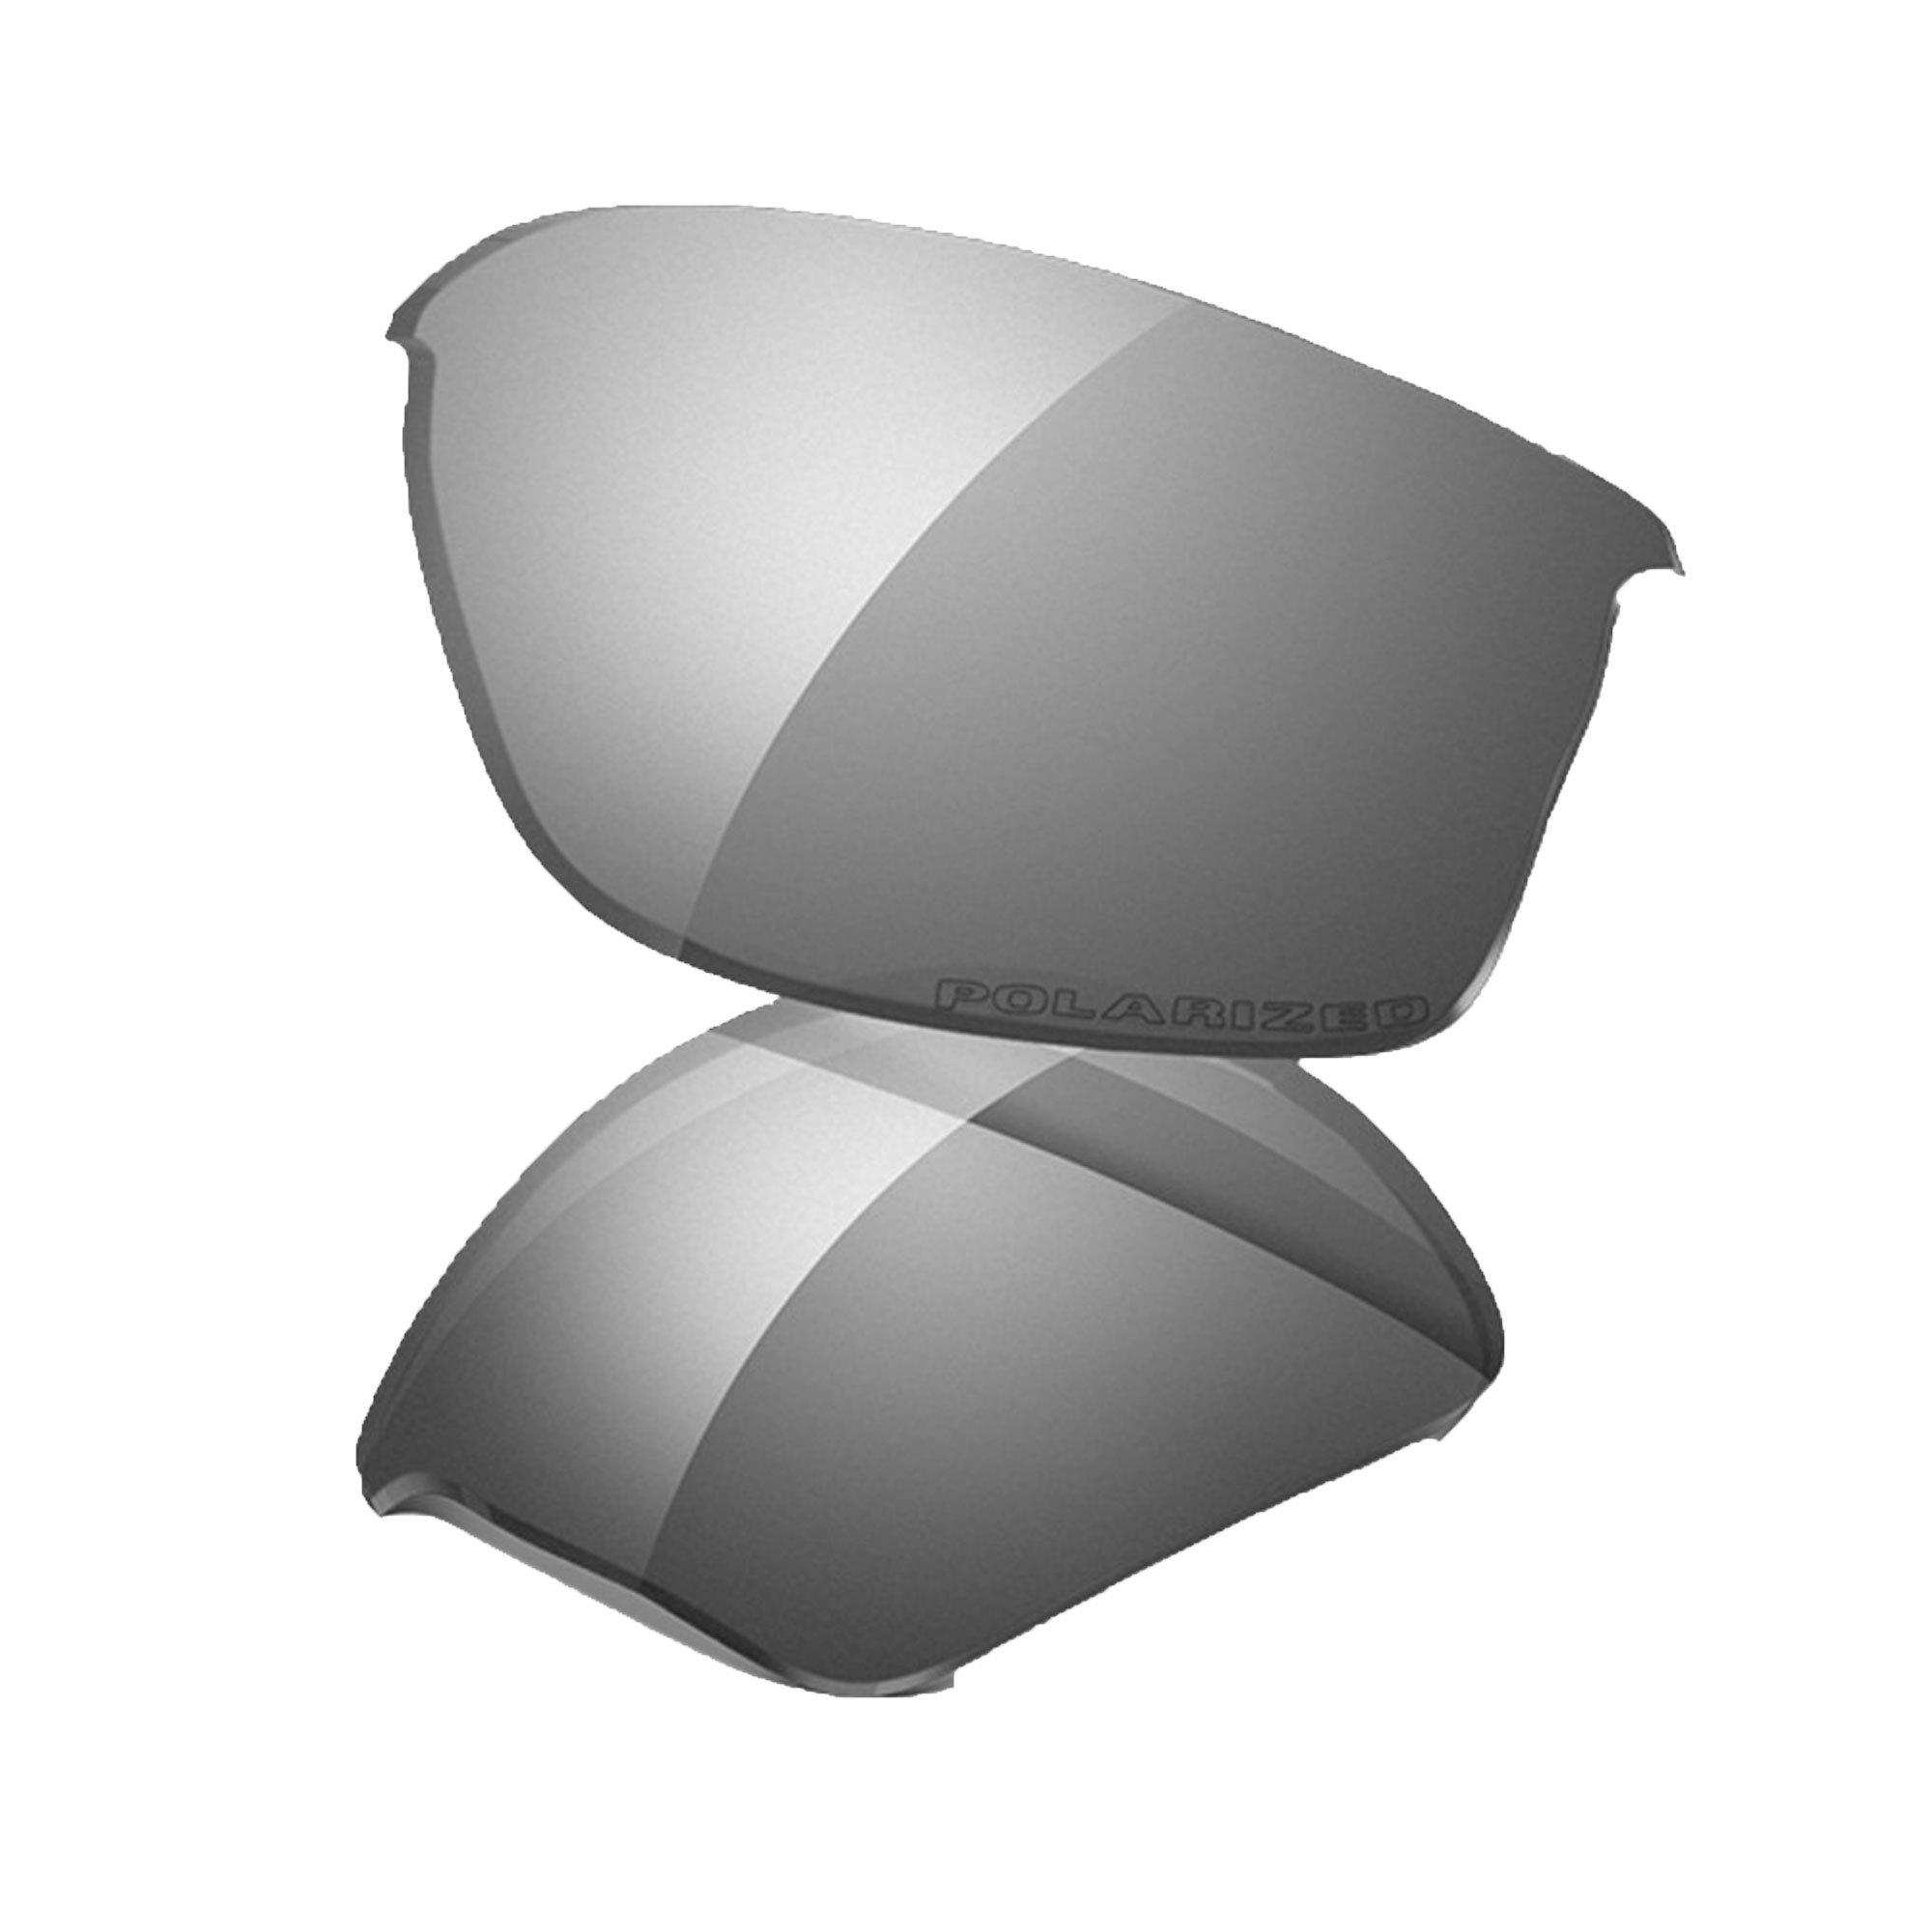 Oakley Flak 2.0 XL Replacement Lens Black Iridium Polarized, One Size by Oakley